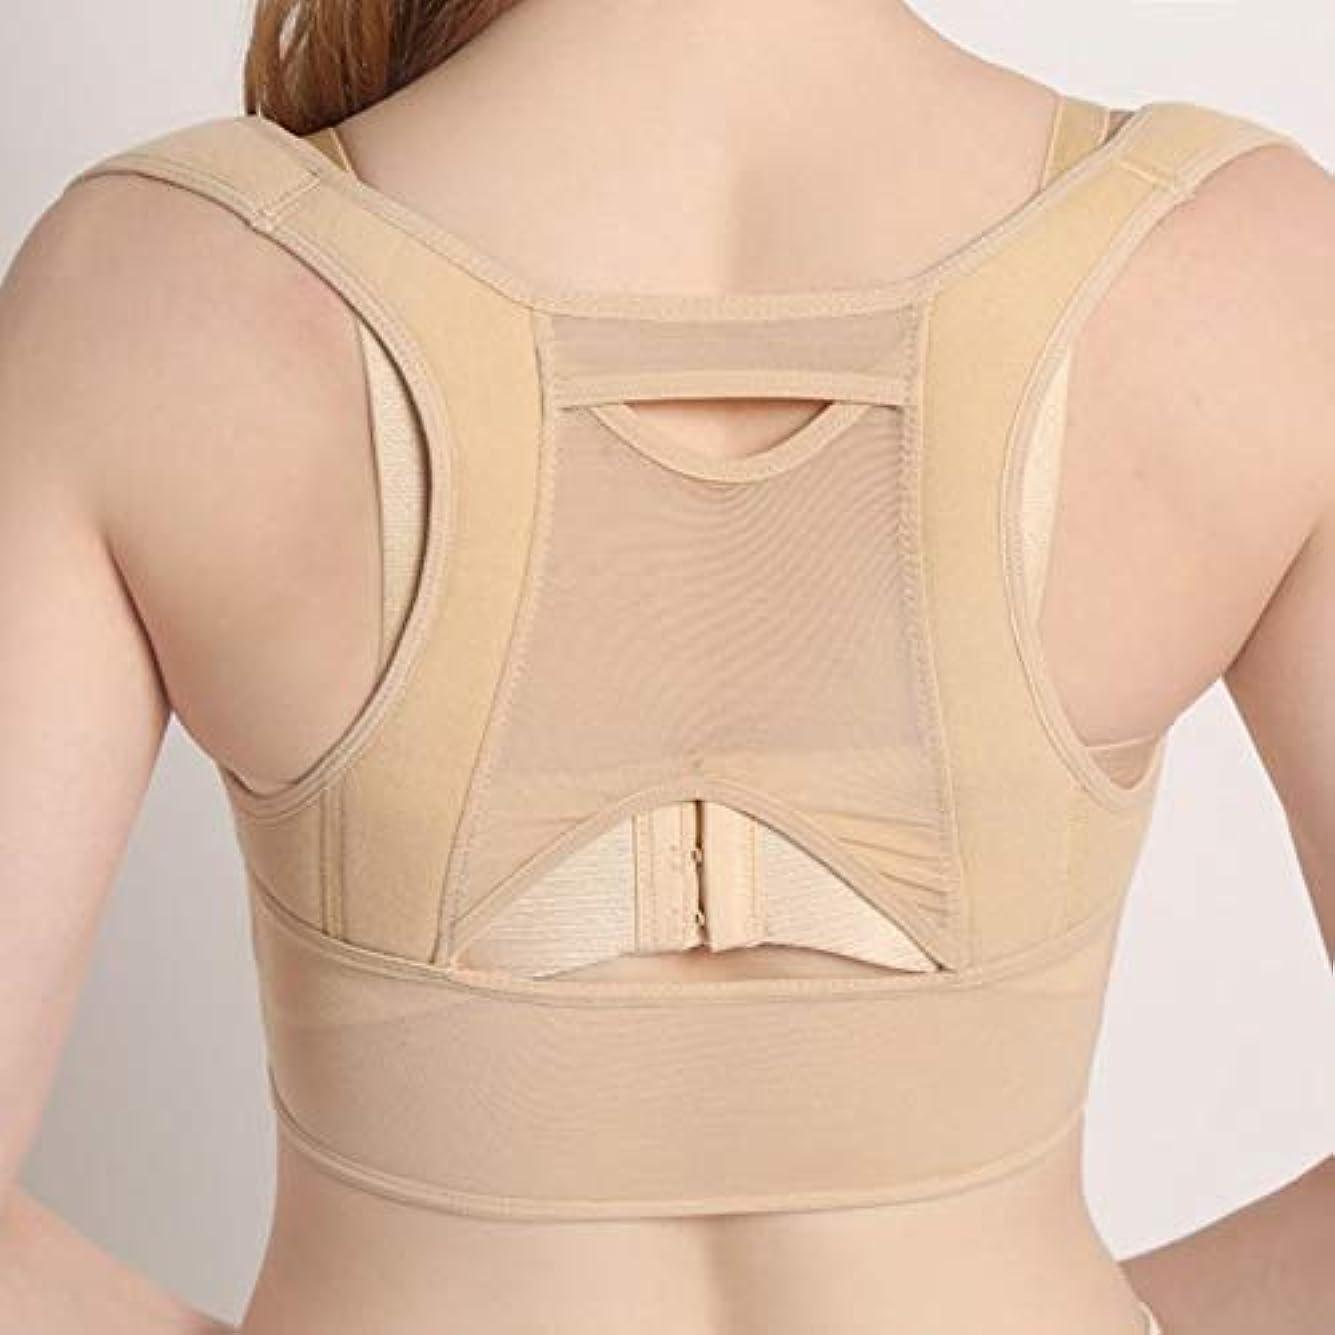 ポータブルジュニア反対する女性の背部姿勢補正コルセット整形外科の上部背部肩背骨姿勢補正器腰椎サポート-ベージュホワイトM